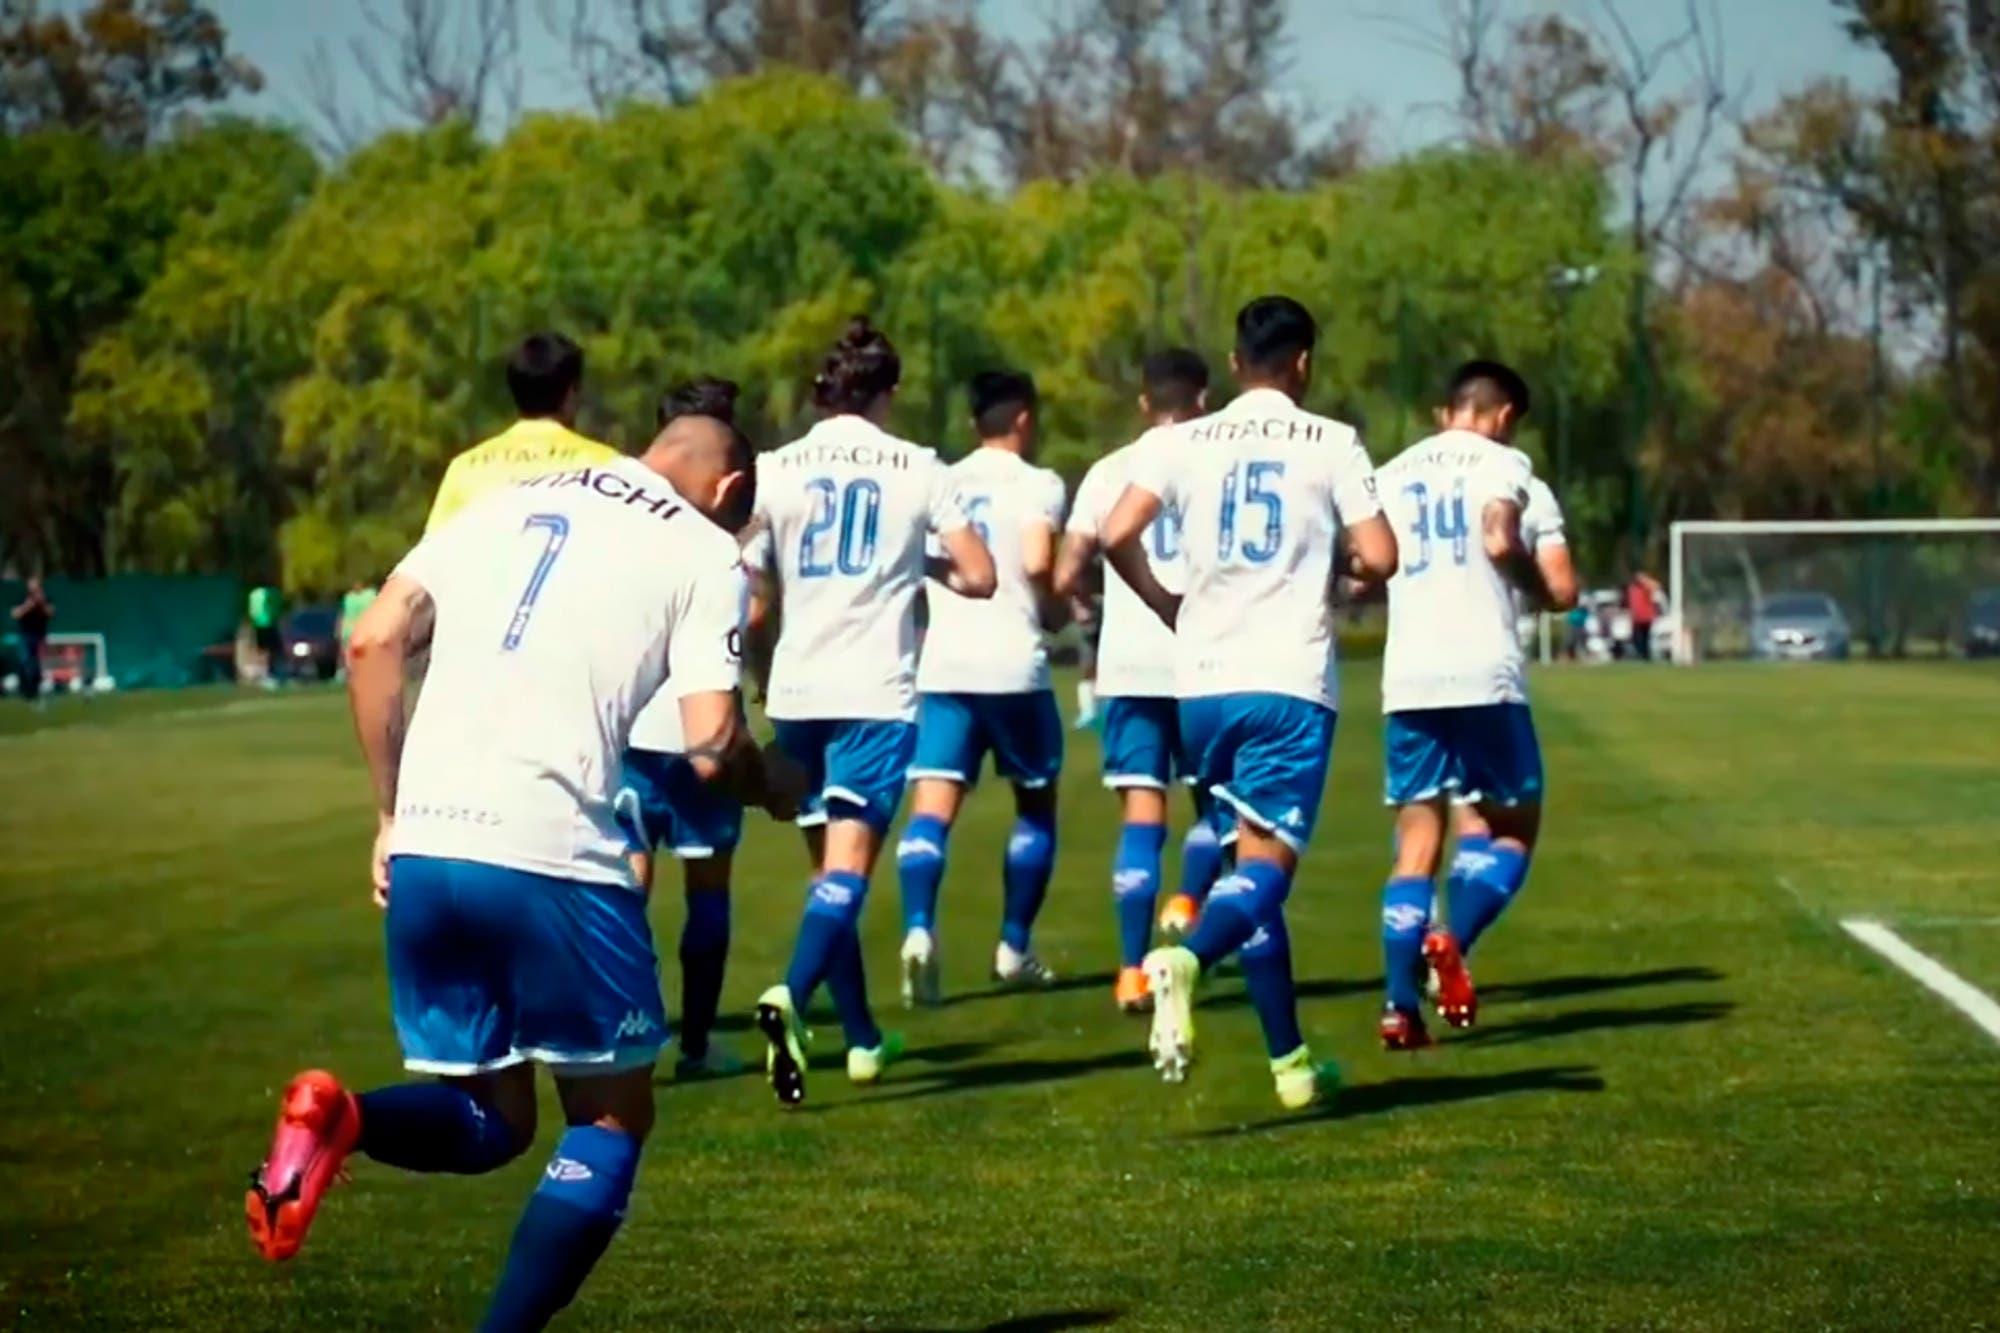 Denuncia por abuso sexual: los cuatro jugadores de Vélez no están denunciados ni imputados, pero no jugarán el próximo partido